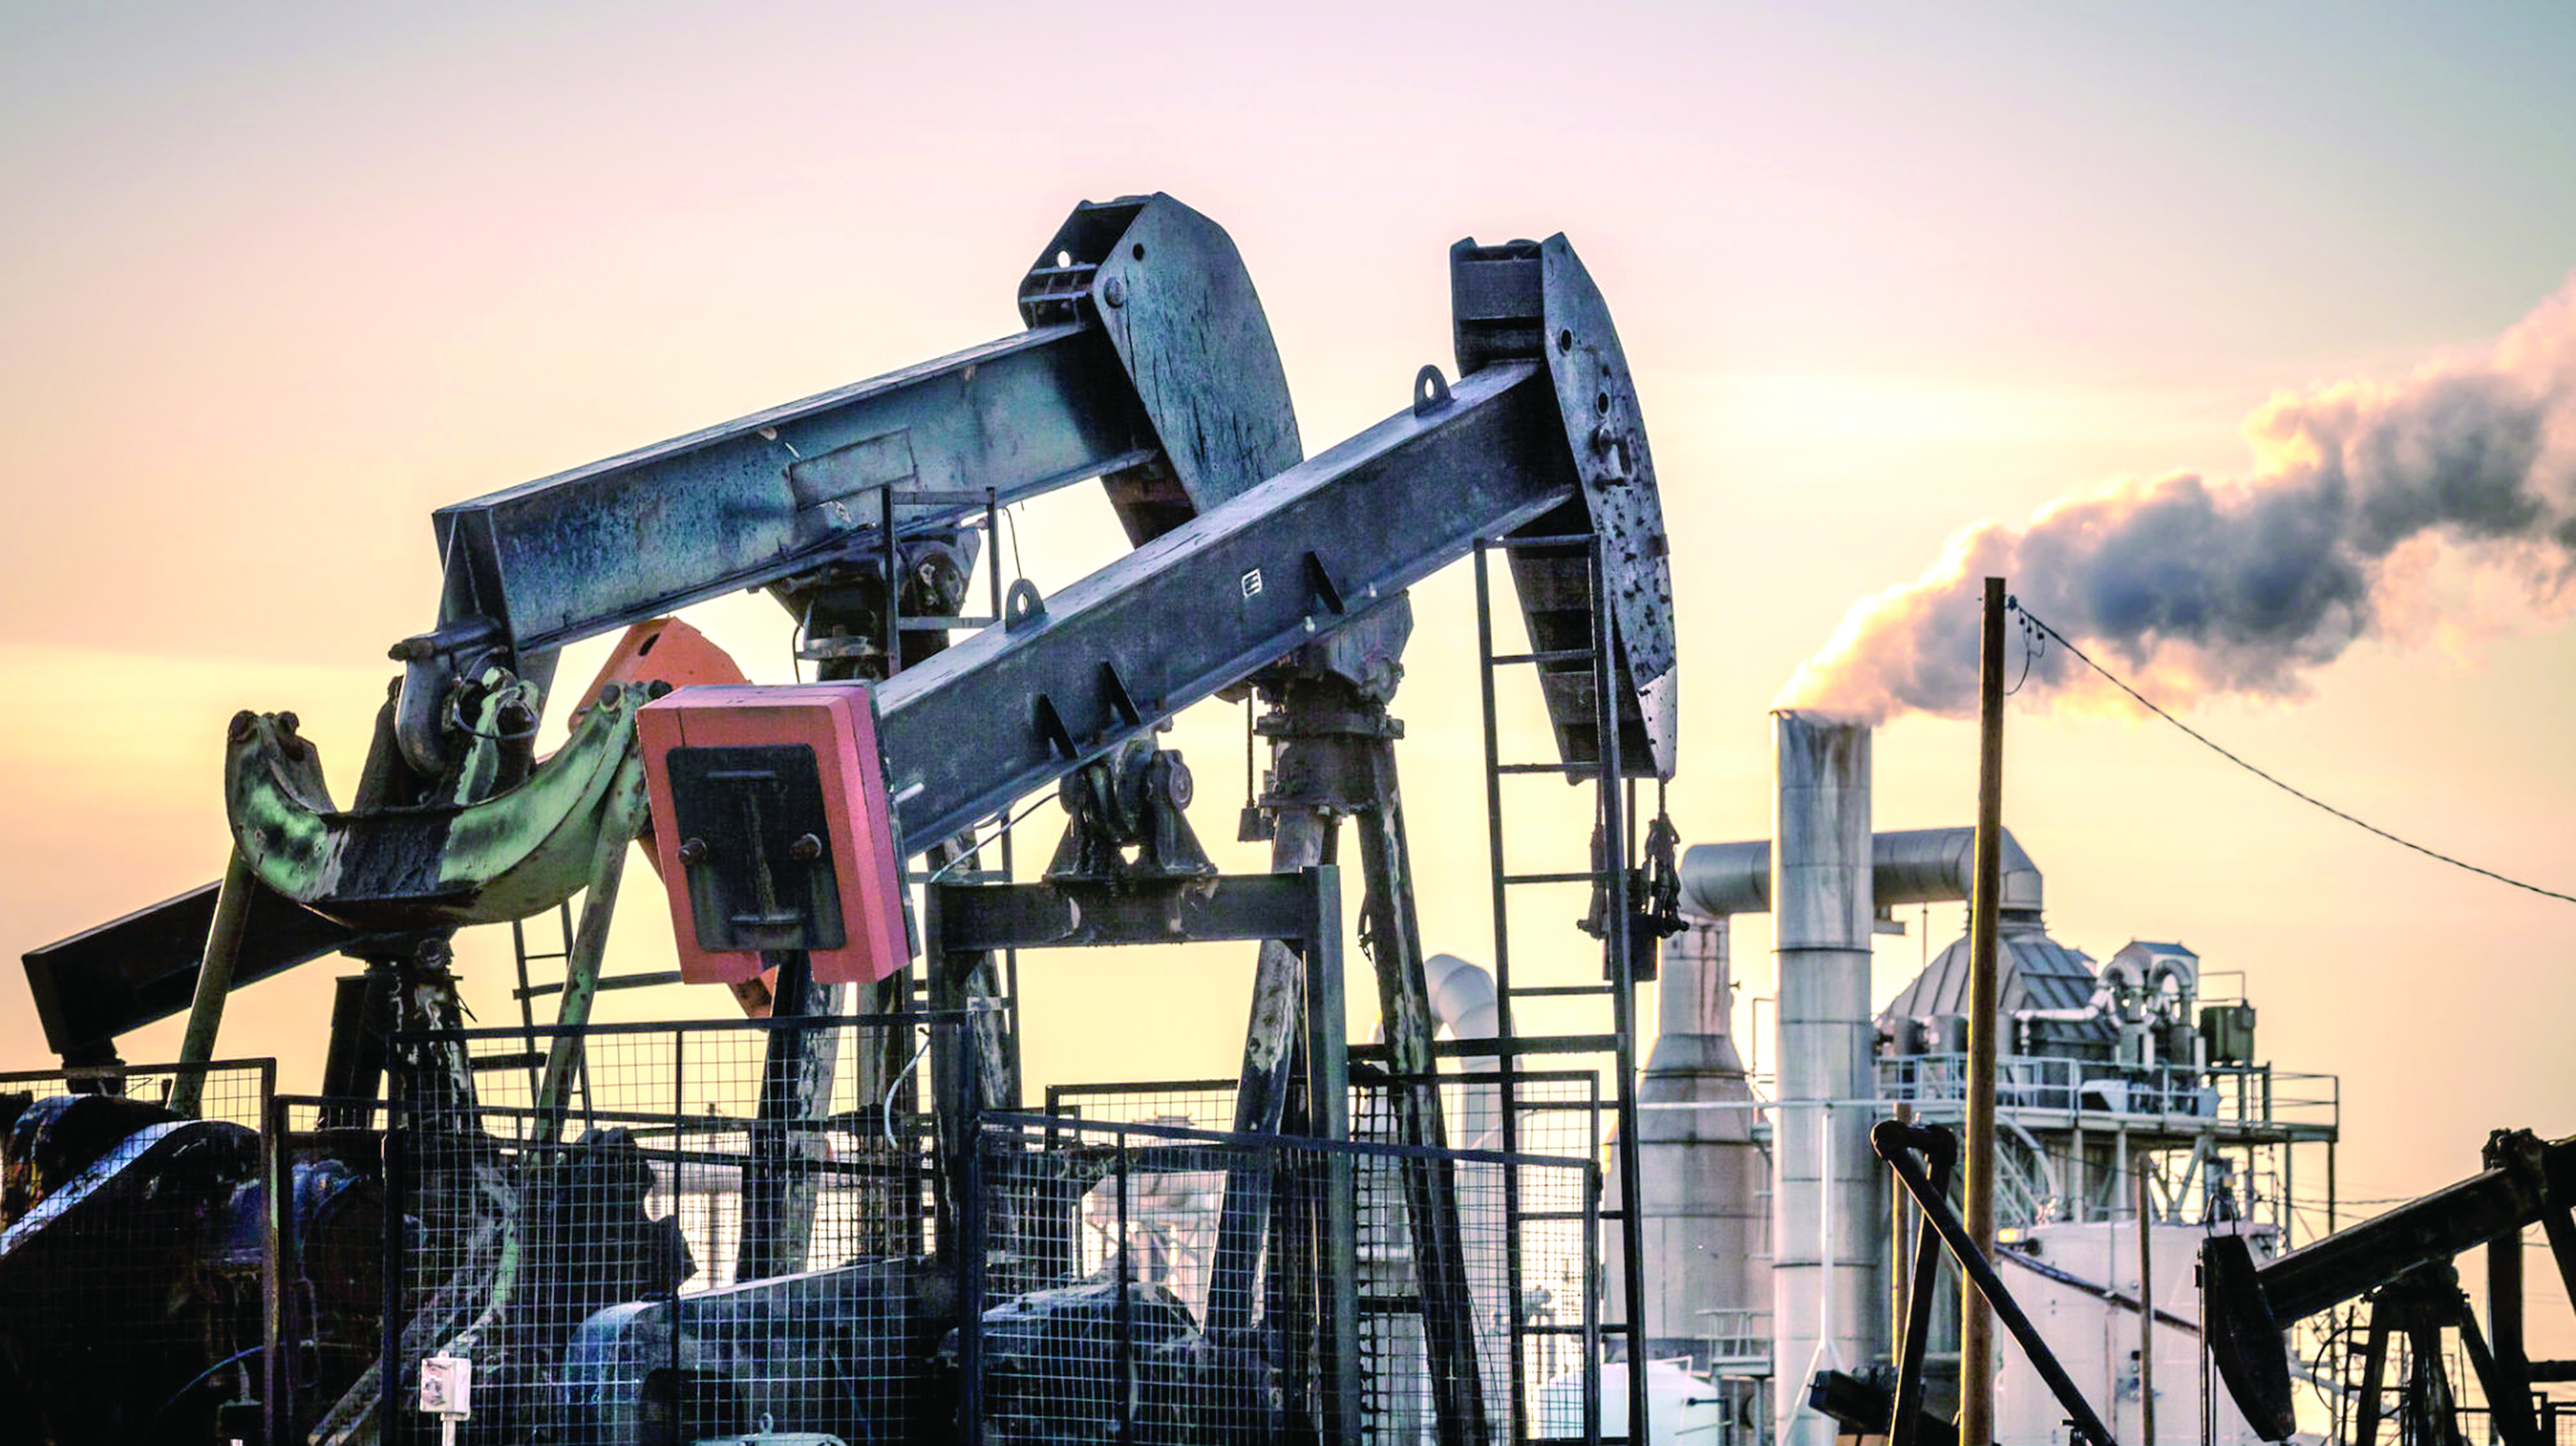 هل تعلن الطاقة البديلة انتهاء العصر النفطي؟